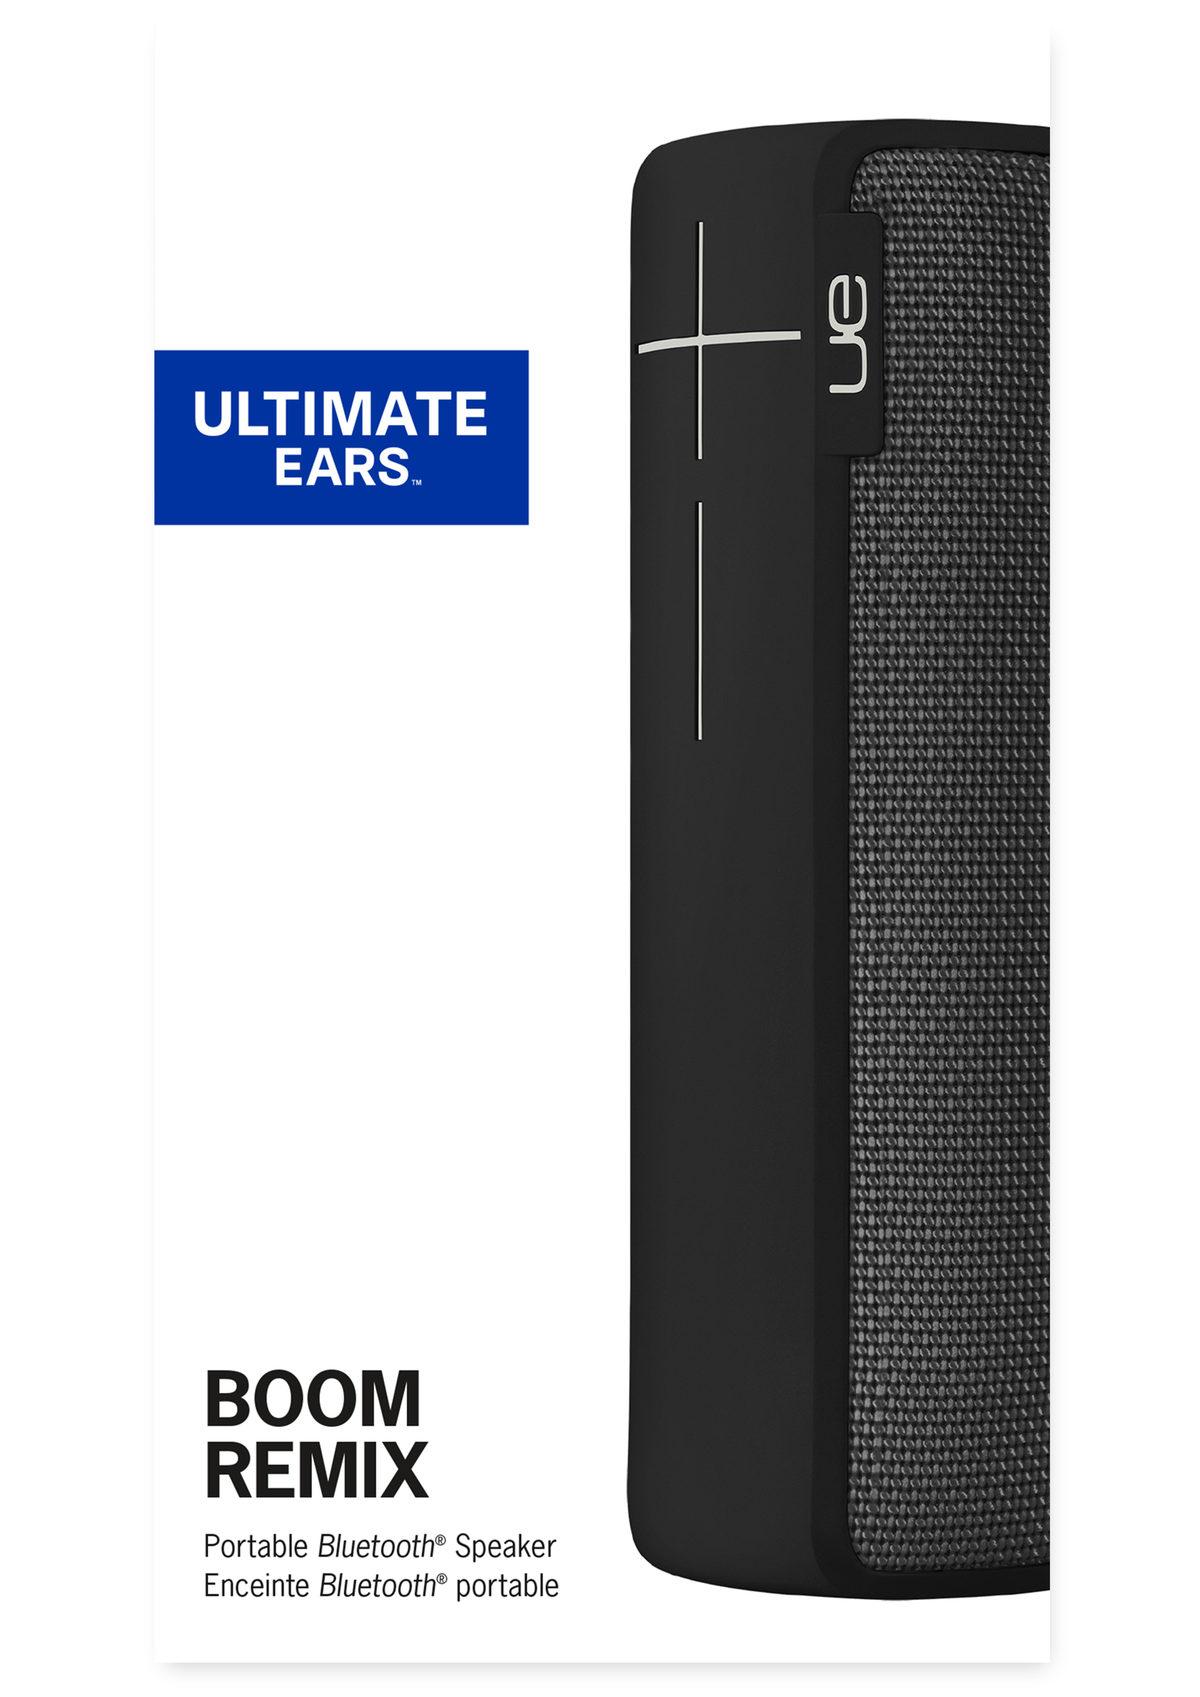 ue ultimate ears manual